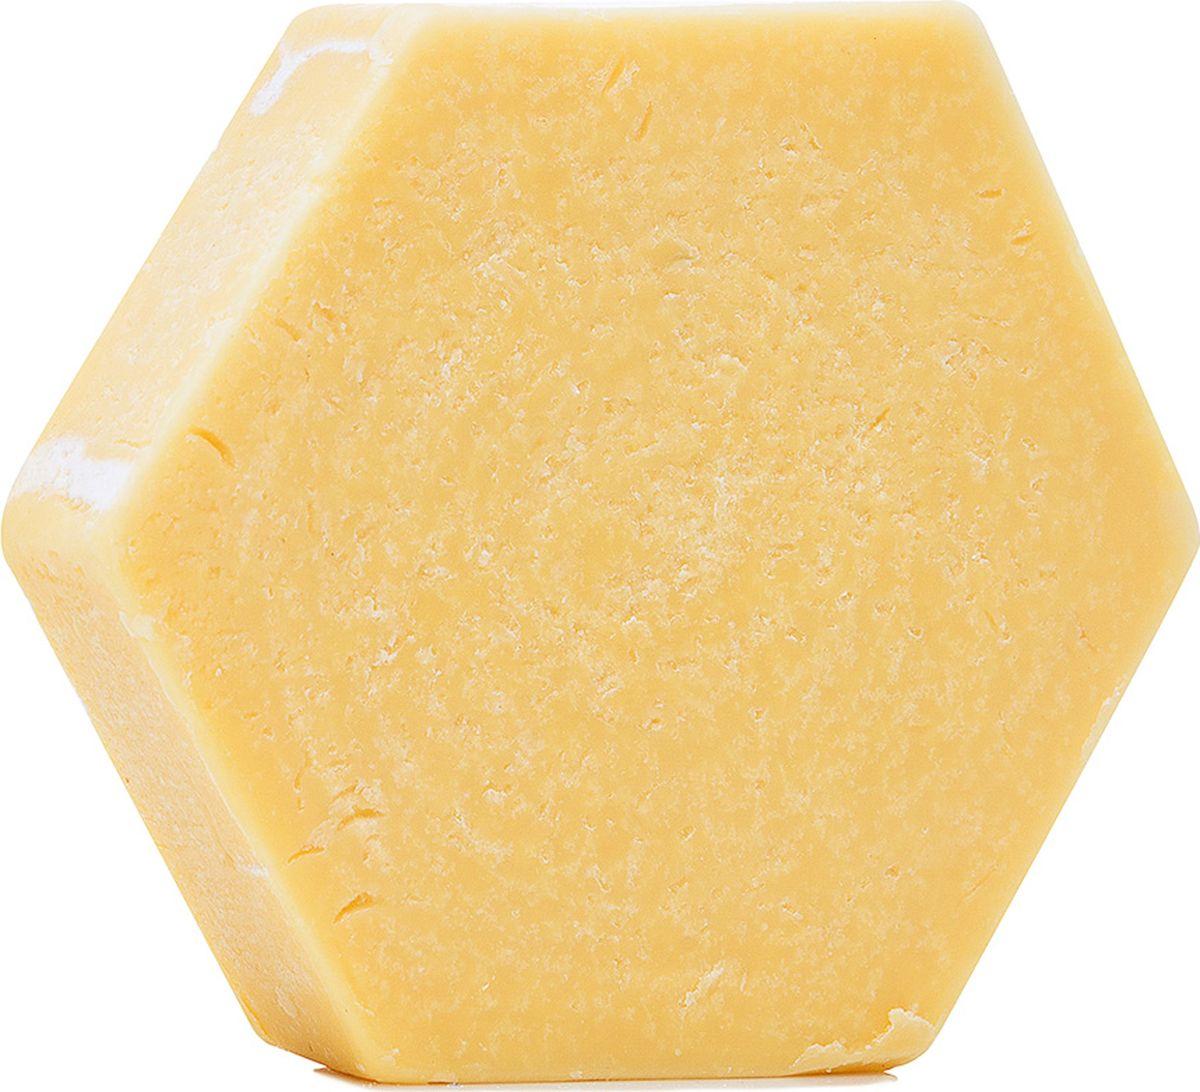 Зейтун Твёрдое массажное масло для тела №4 Лифтинг, 90 гZ3504Защищает кожу от растяжек и потери эластичности, стимулирует обменные процессы, способствуя интенсивной регенерации. Увлажняет и питает кожу, поддерживая водный баланс и помогает создавать собственный липидный барьер.Равноценная натуральная альтернатива крему или молочку для тела. Быстро впитывается и не оставляет следов на одежде.